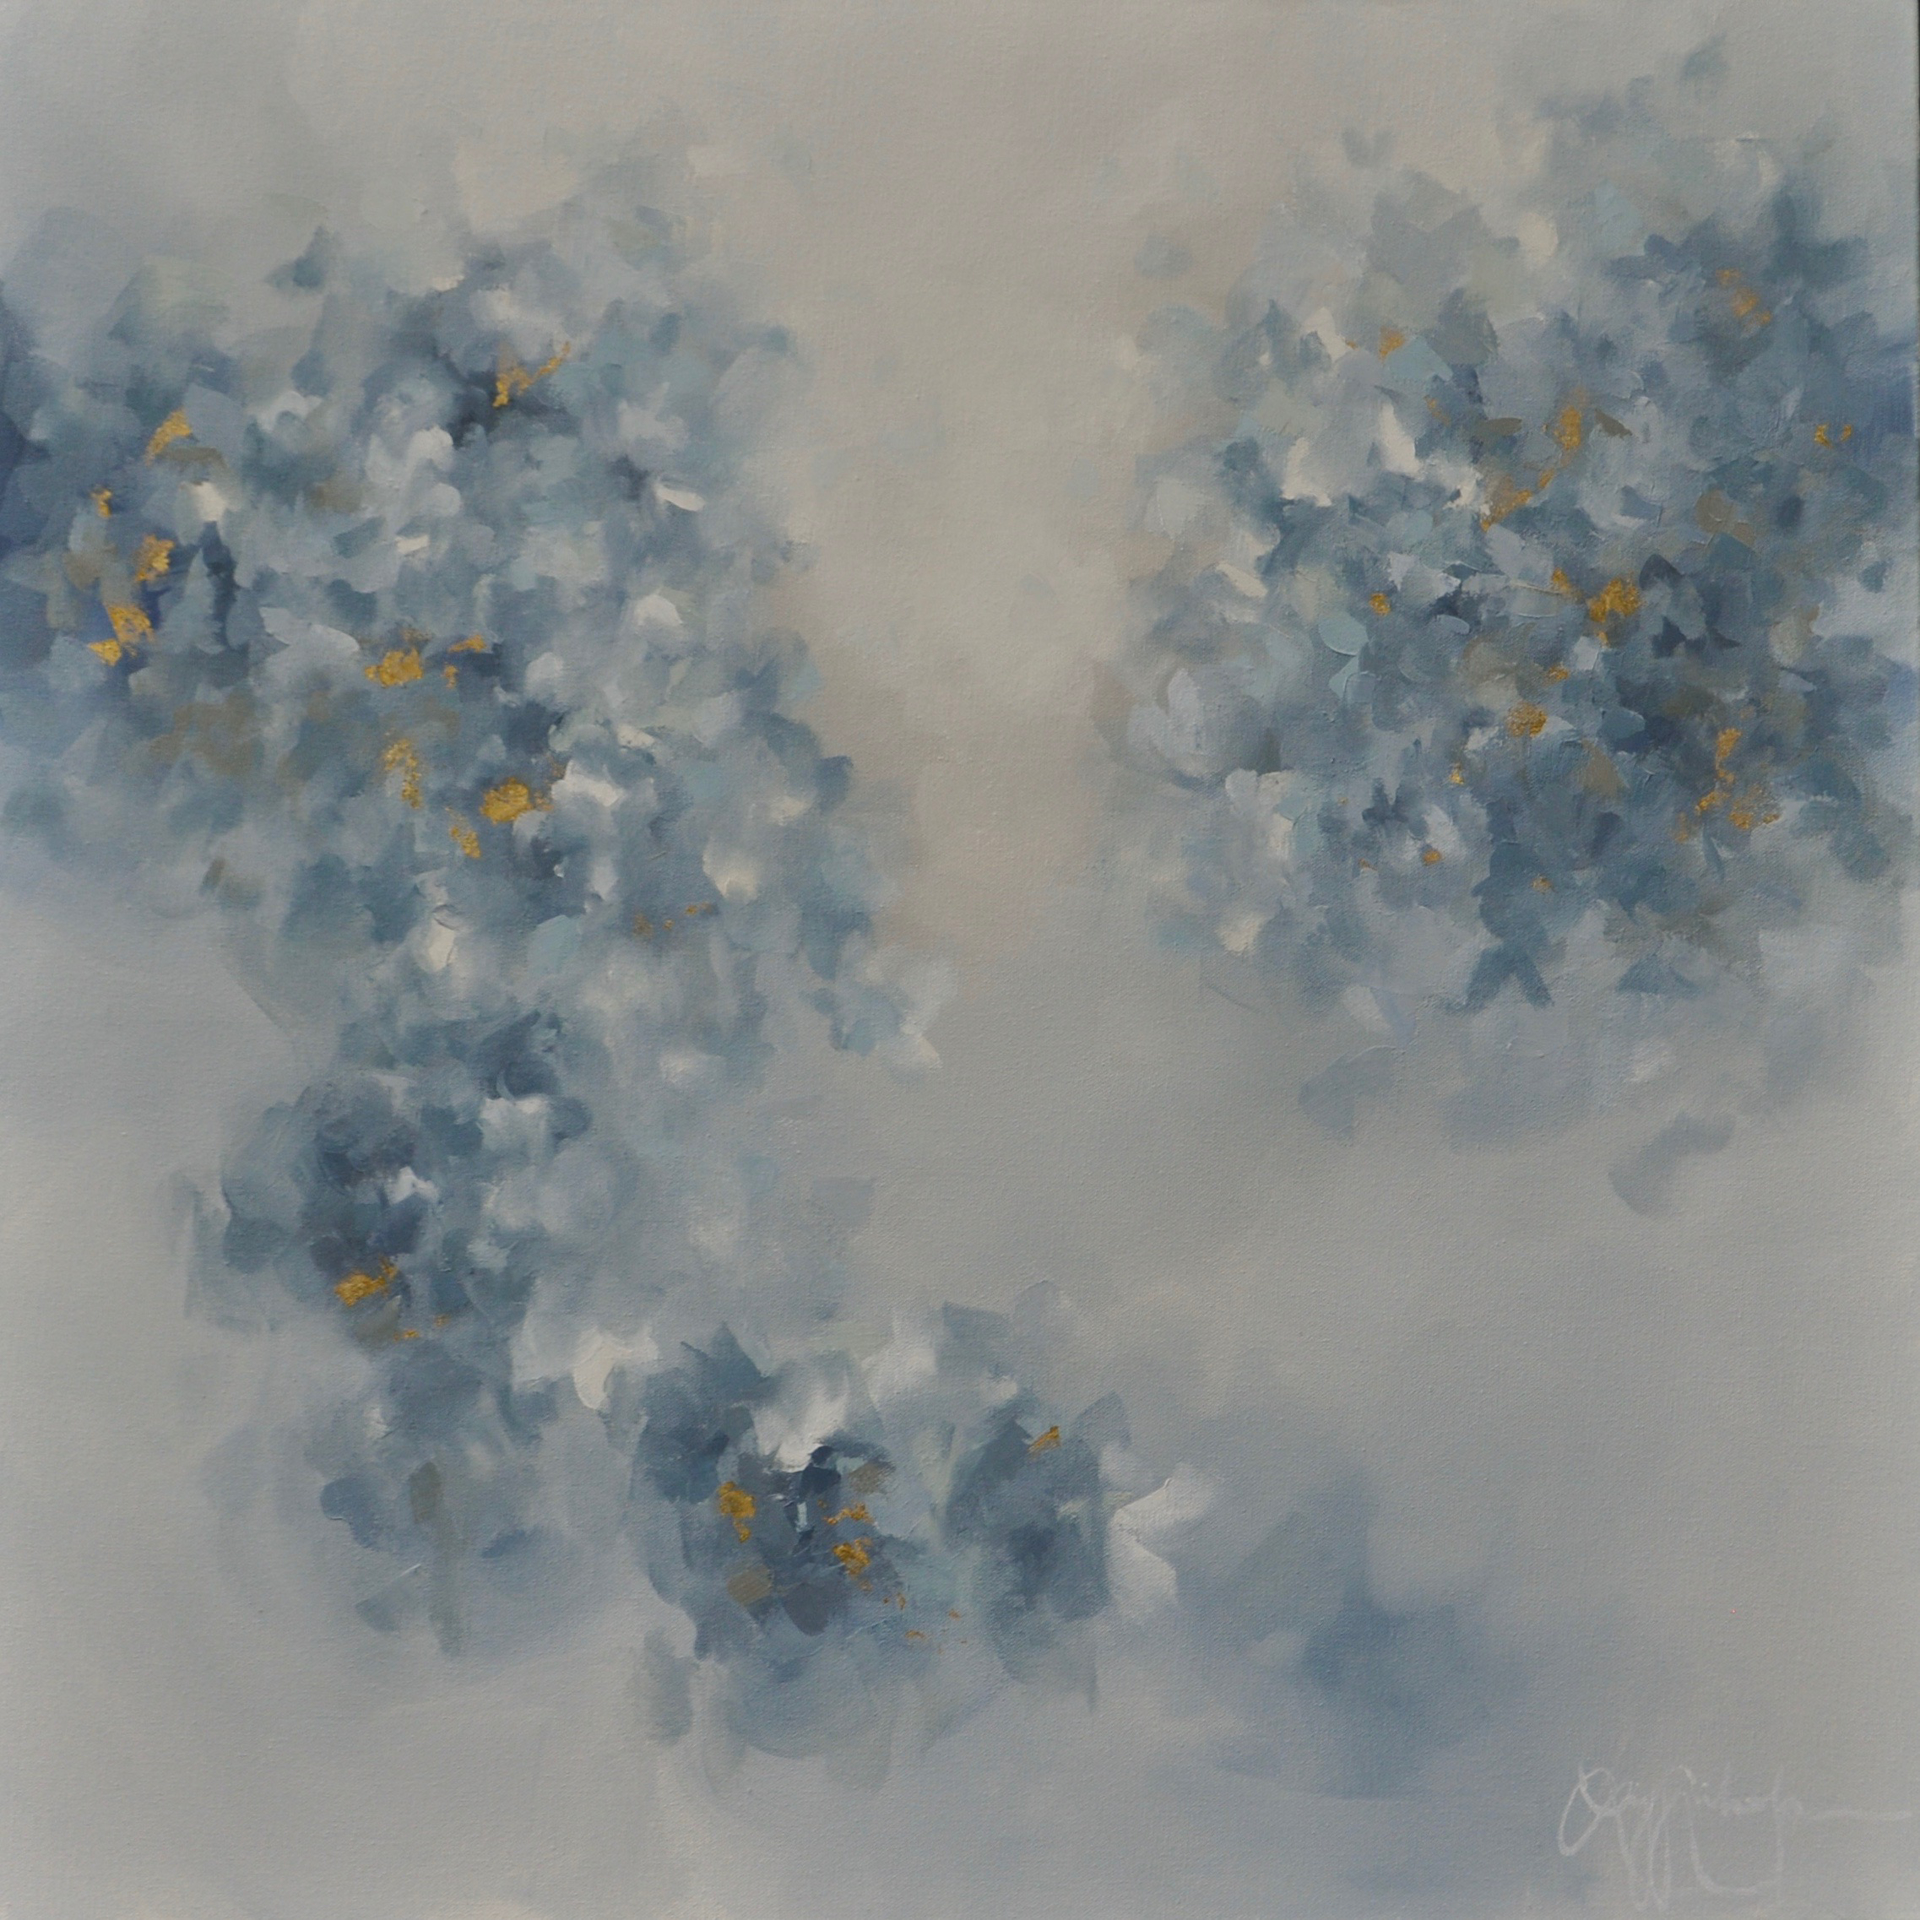 Daydream by Liz Nichols